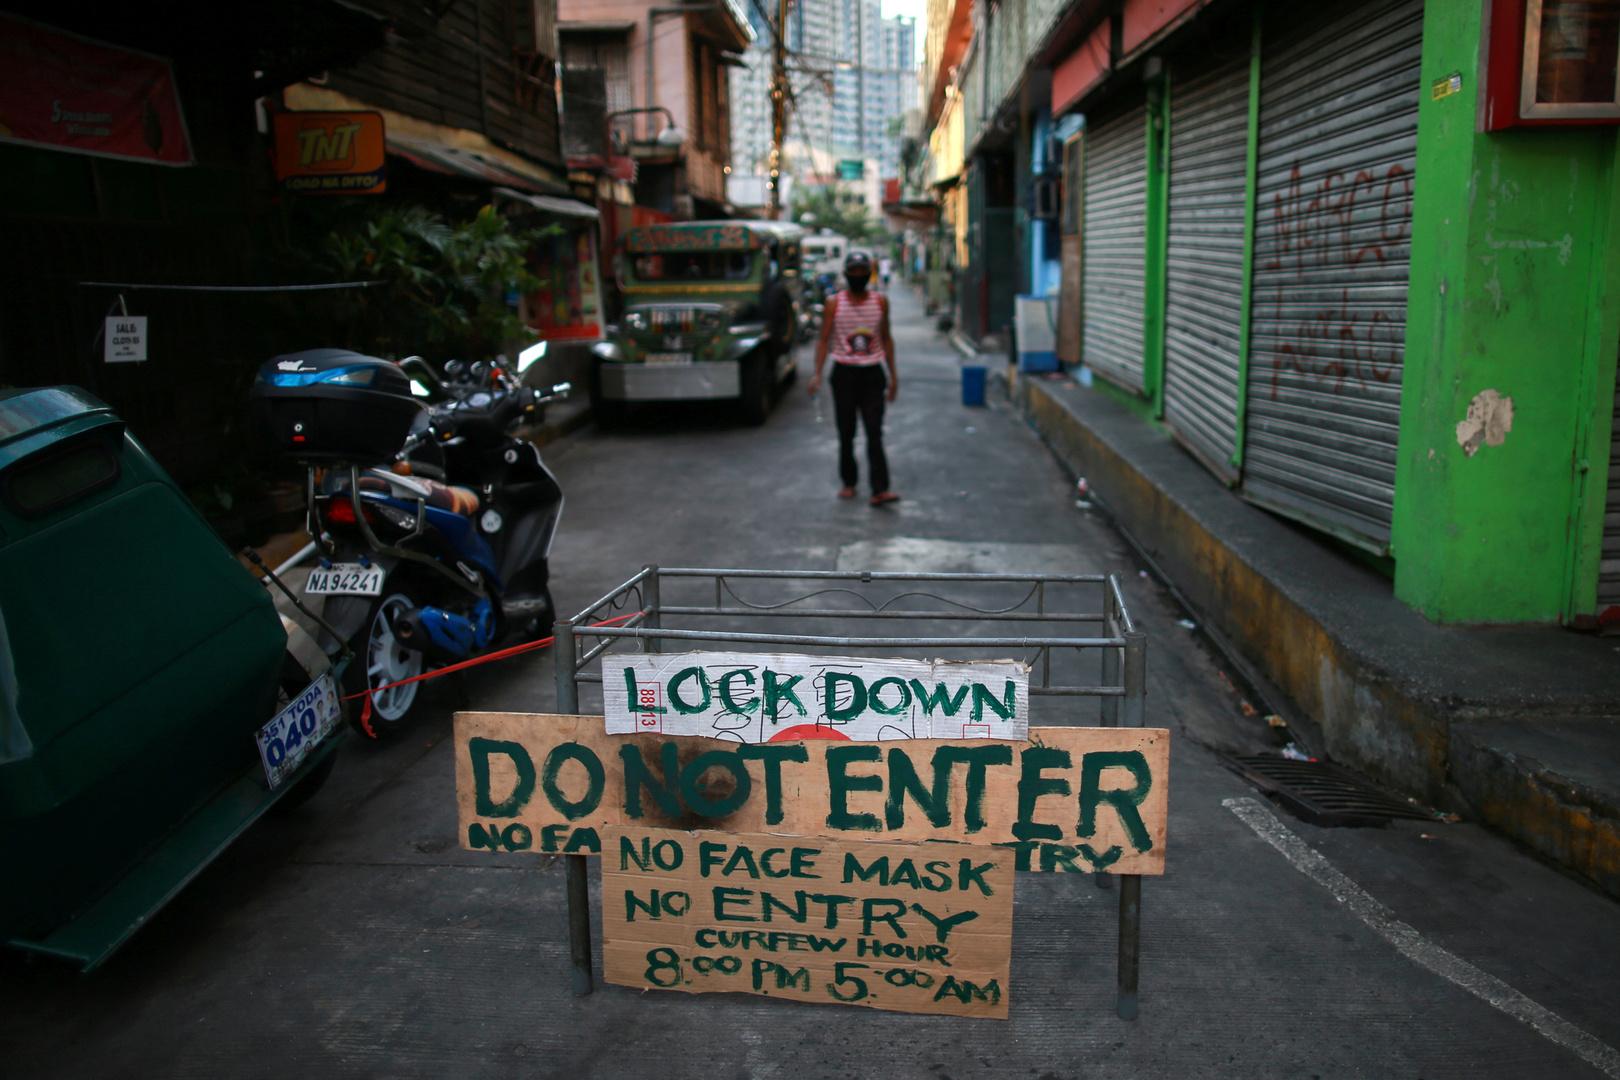 في ارتفاع قياسي.. 14 وفاة جديدة بكورونا في الفلبين وعدد المصابين يتجاوز الـ1000